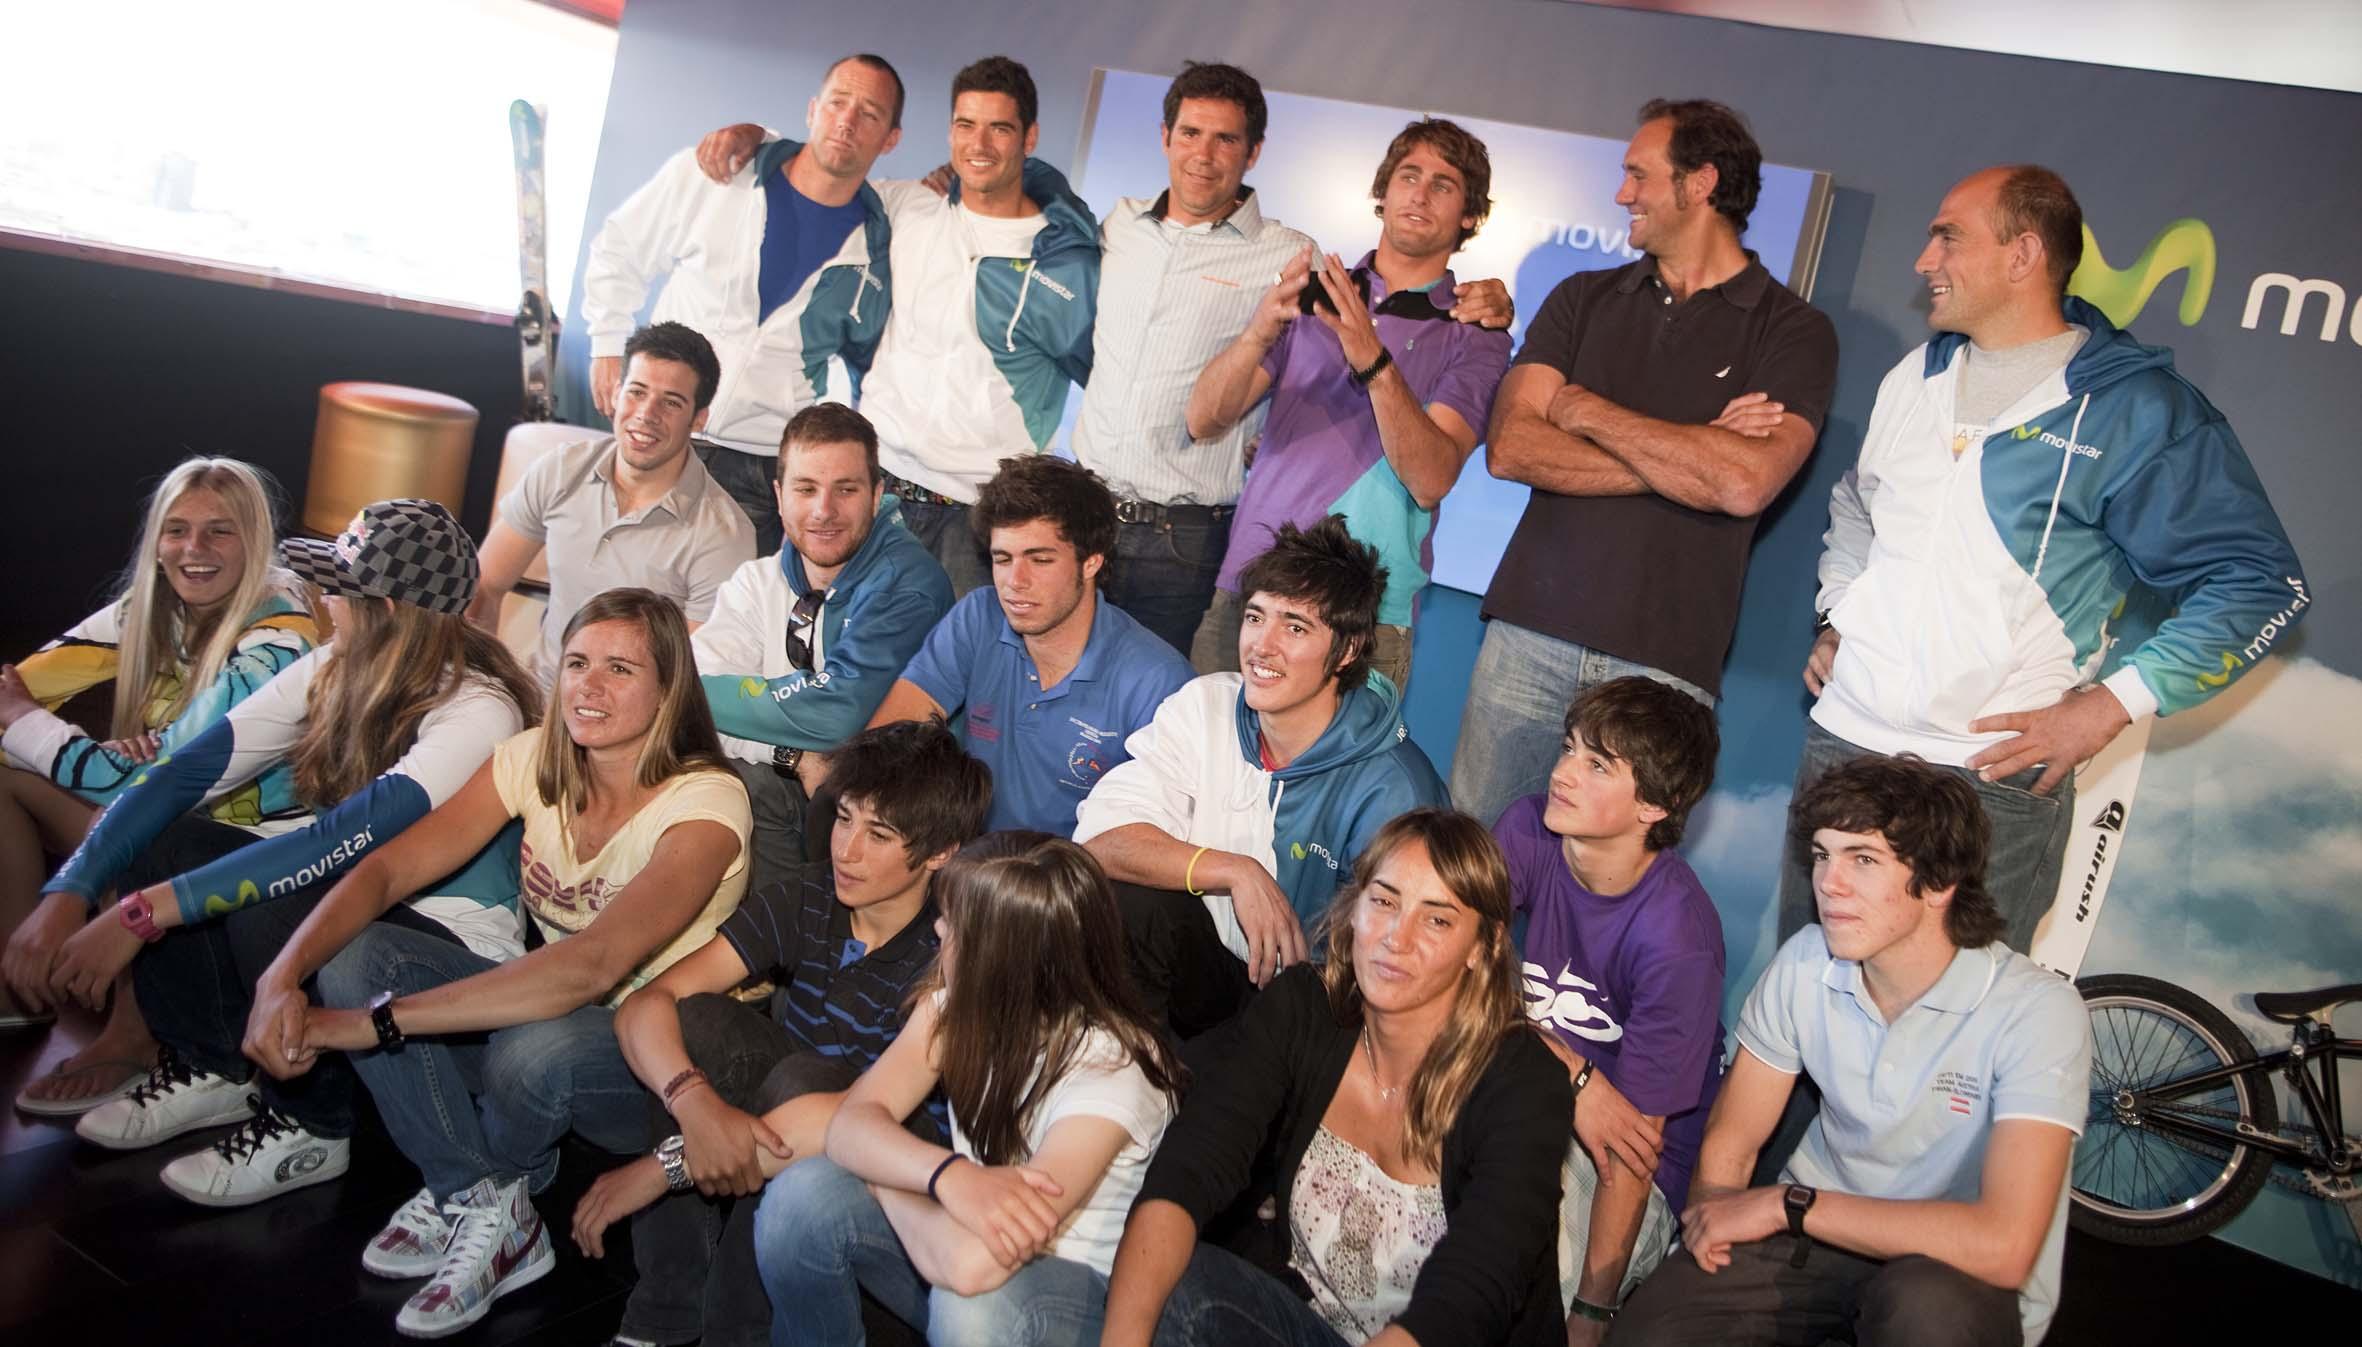 Sesión publicitaria patrocinio movistar